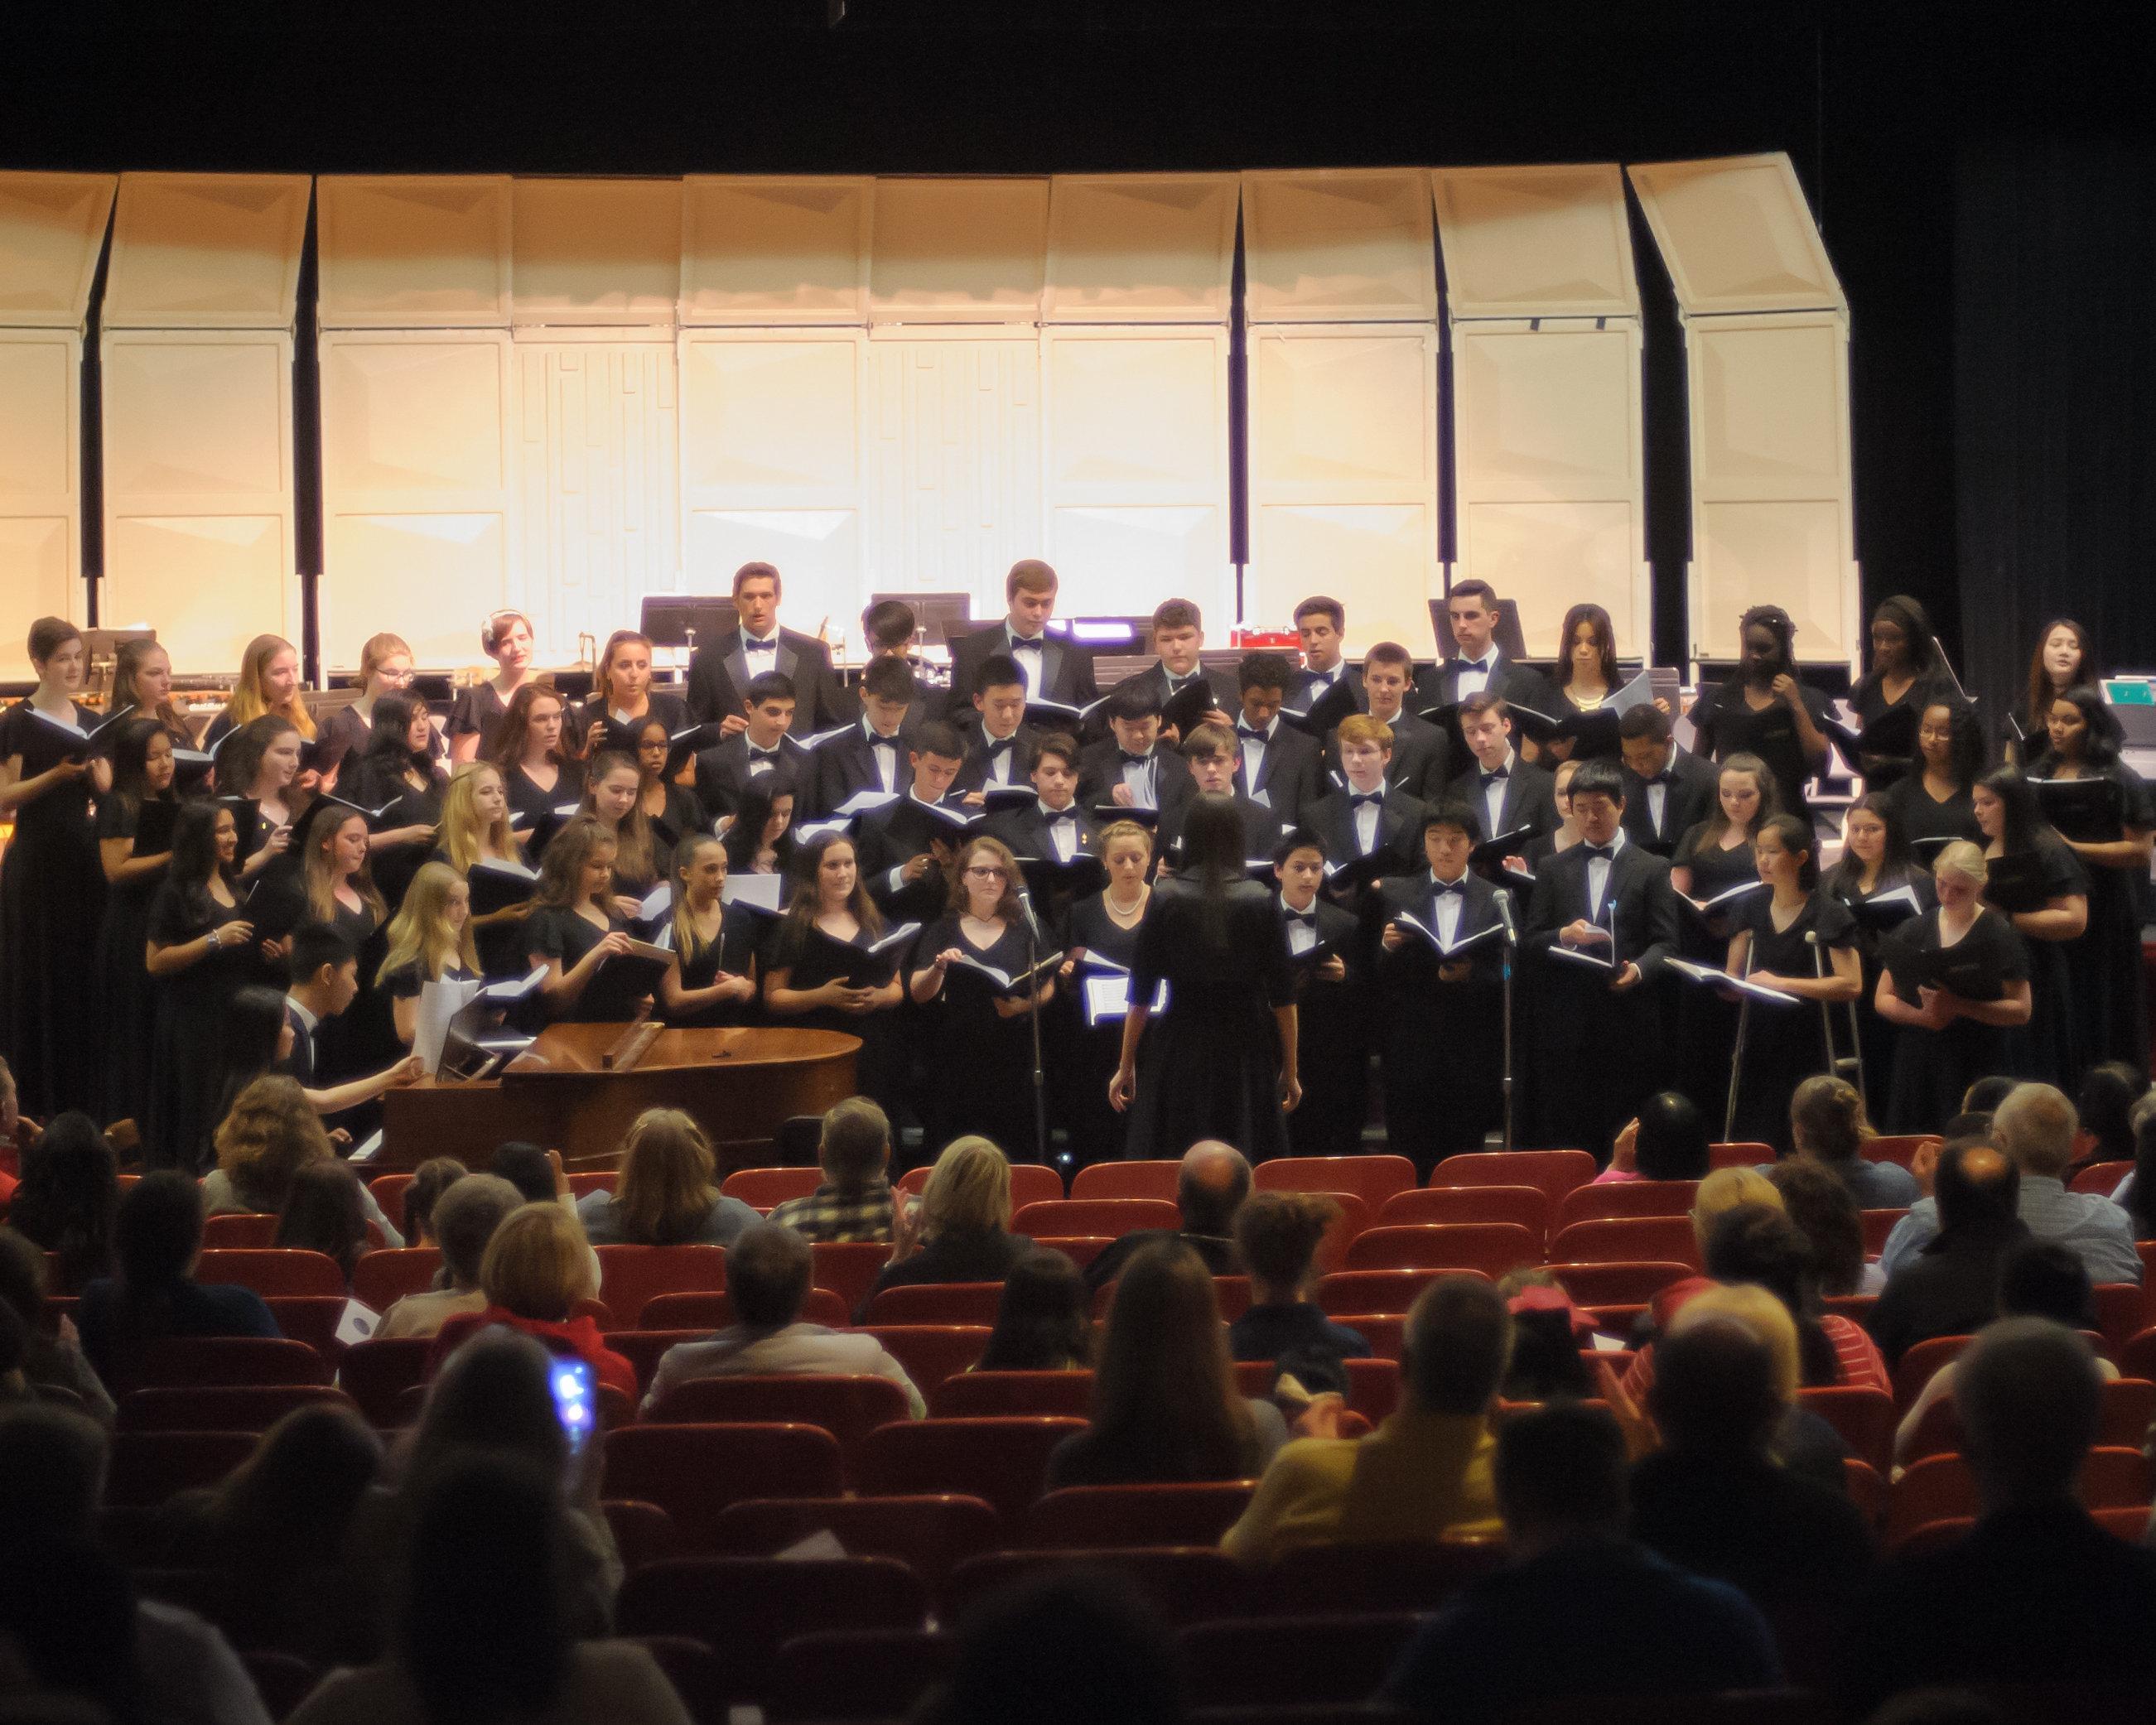 Music - Saint Bernard School